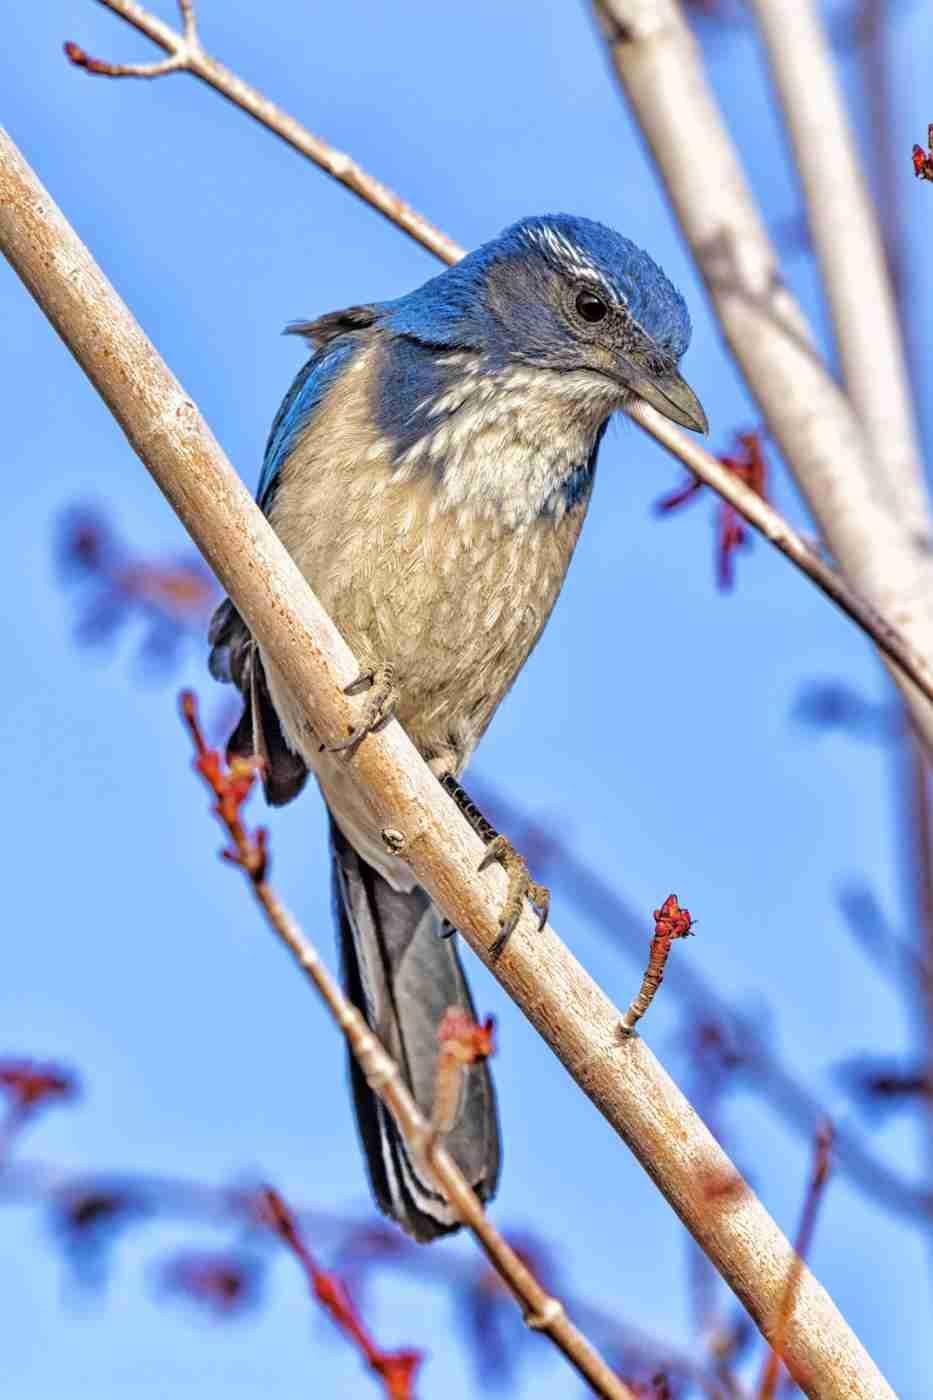 Print of a Blue Western Scrub Jay Bird on a Branch Photo